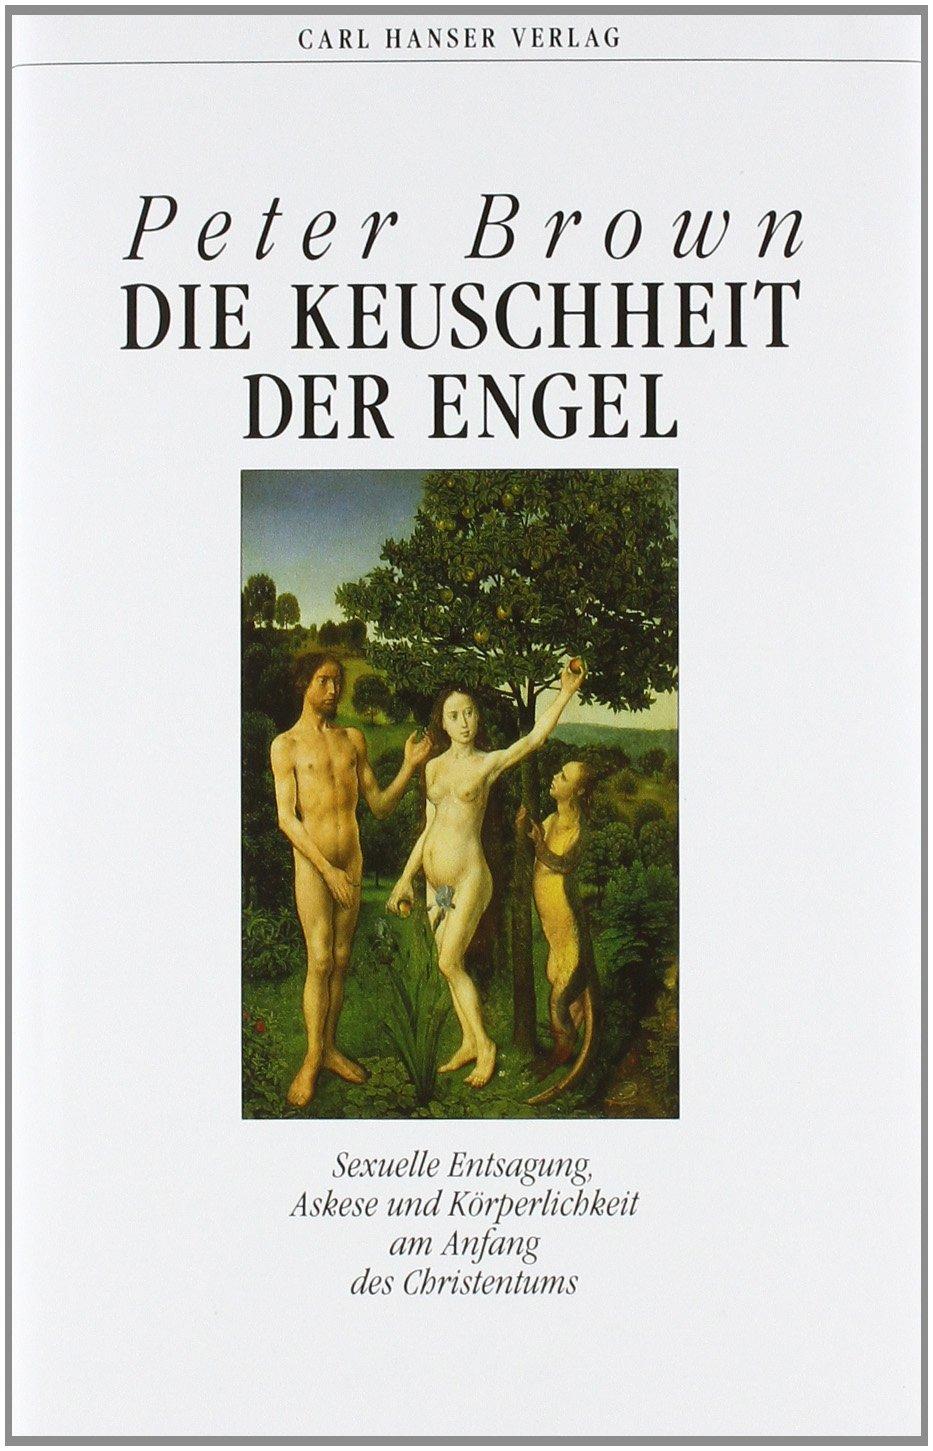 Die Keuschheit der Engel: Sexuelle Entsagung, Askese und Körperlichkeit am Anfang des Christentums